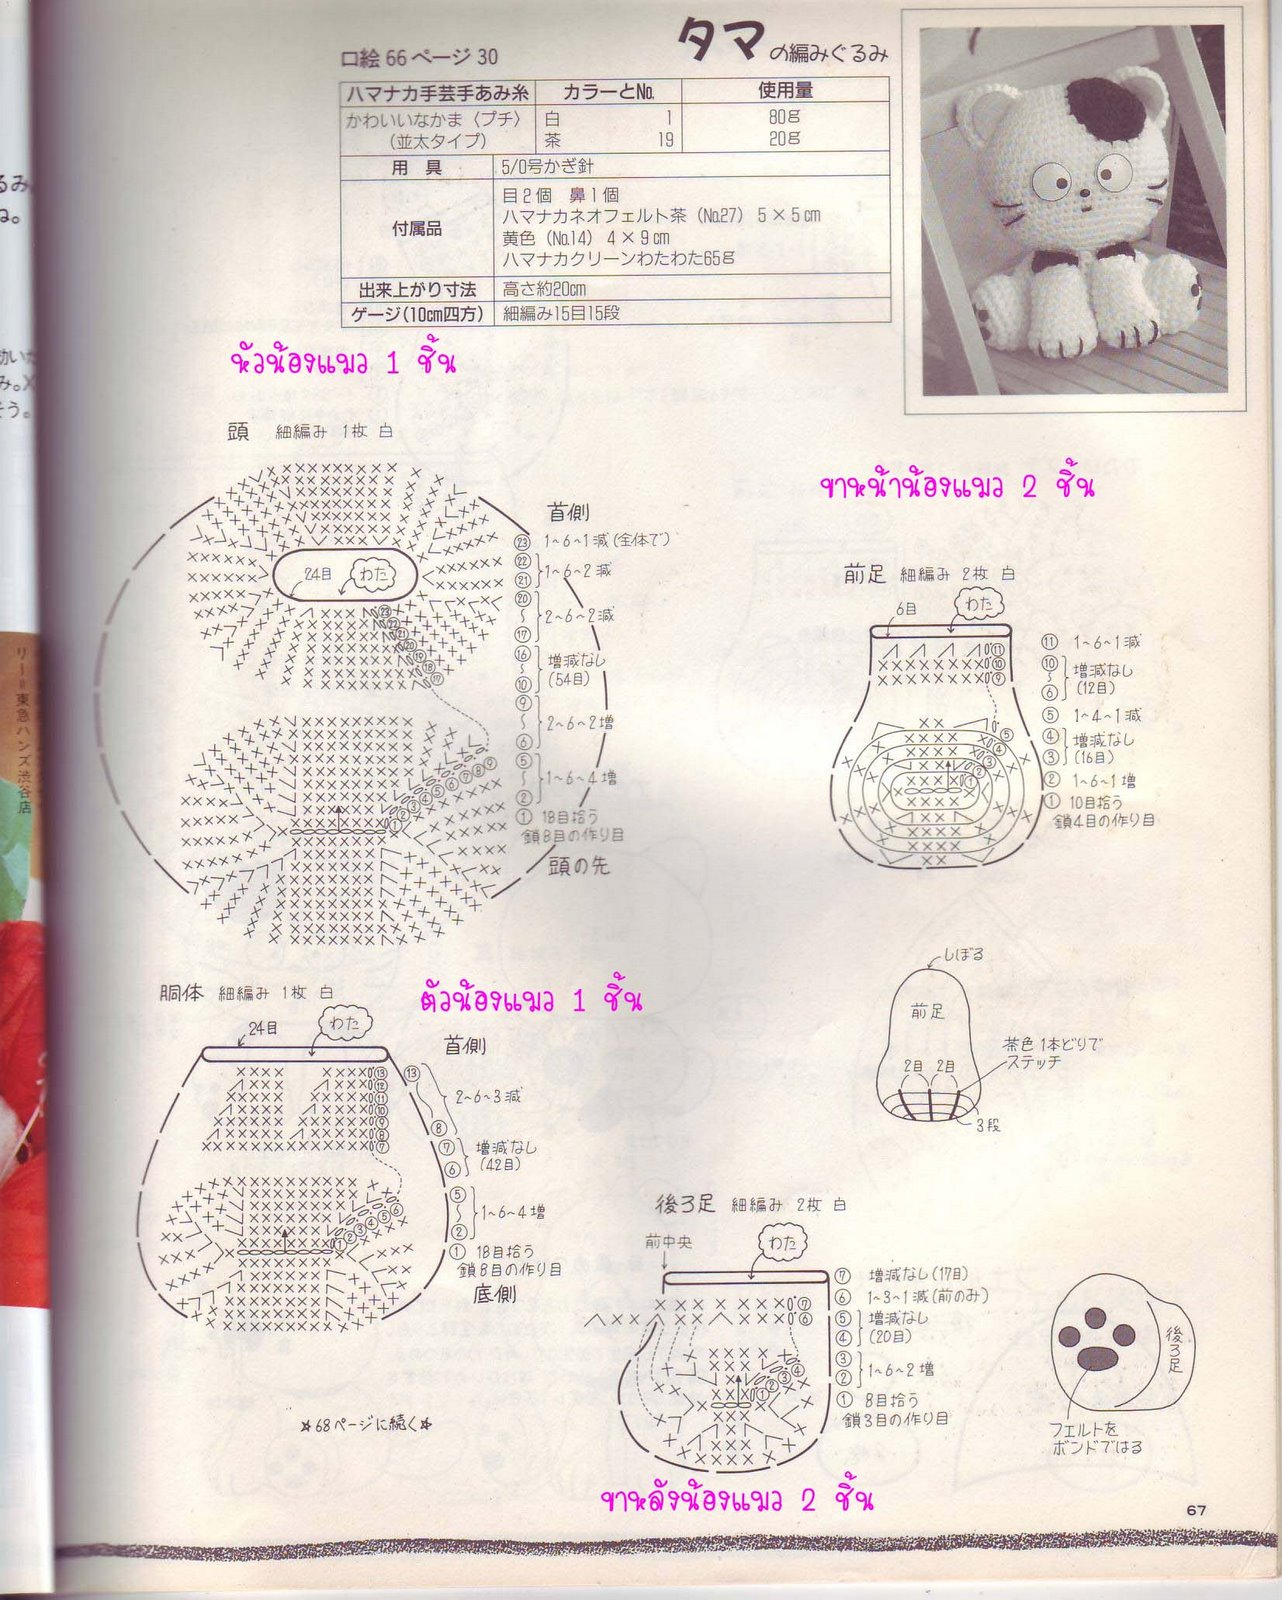 REVISTAS DE CROCHET: 2 HERMOSOS AMIGUIRUMIS | Patrones crochet